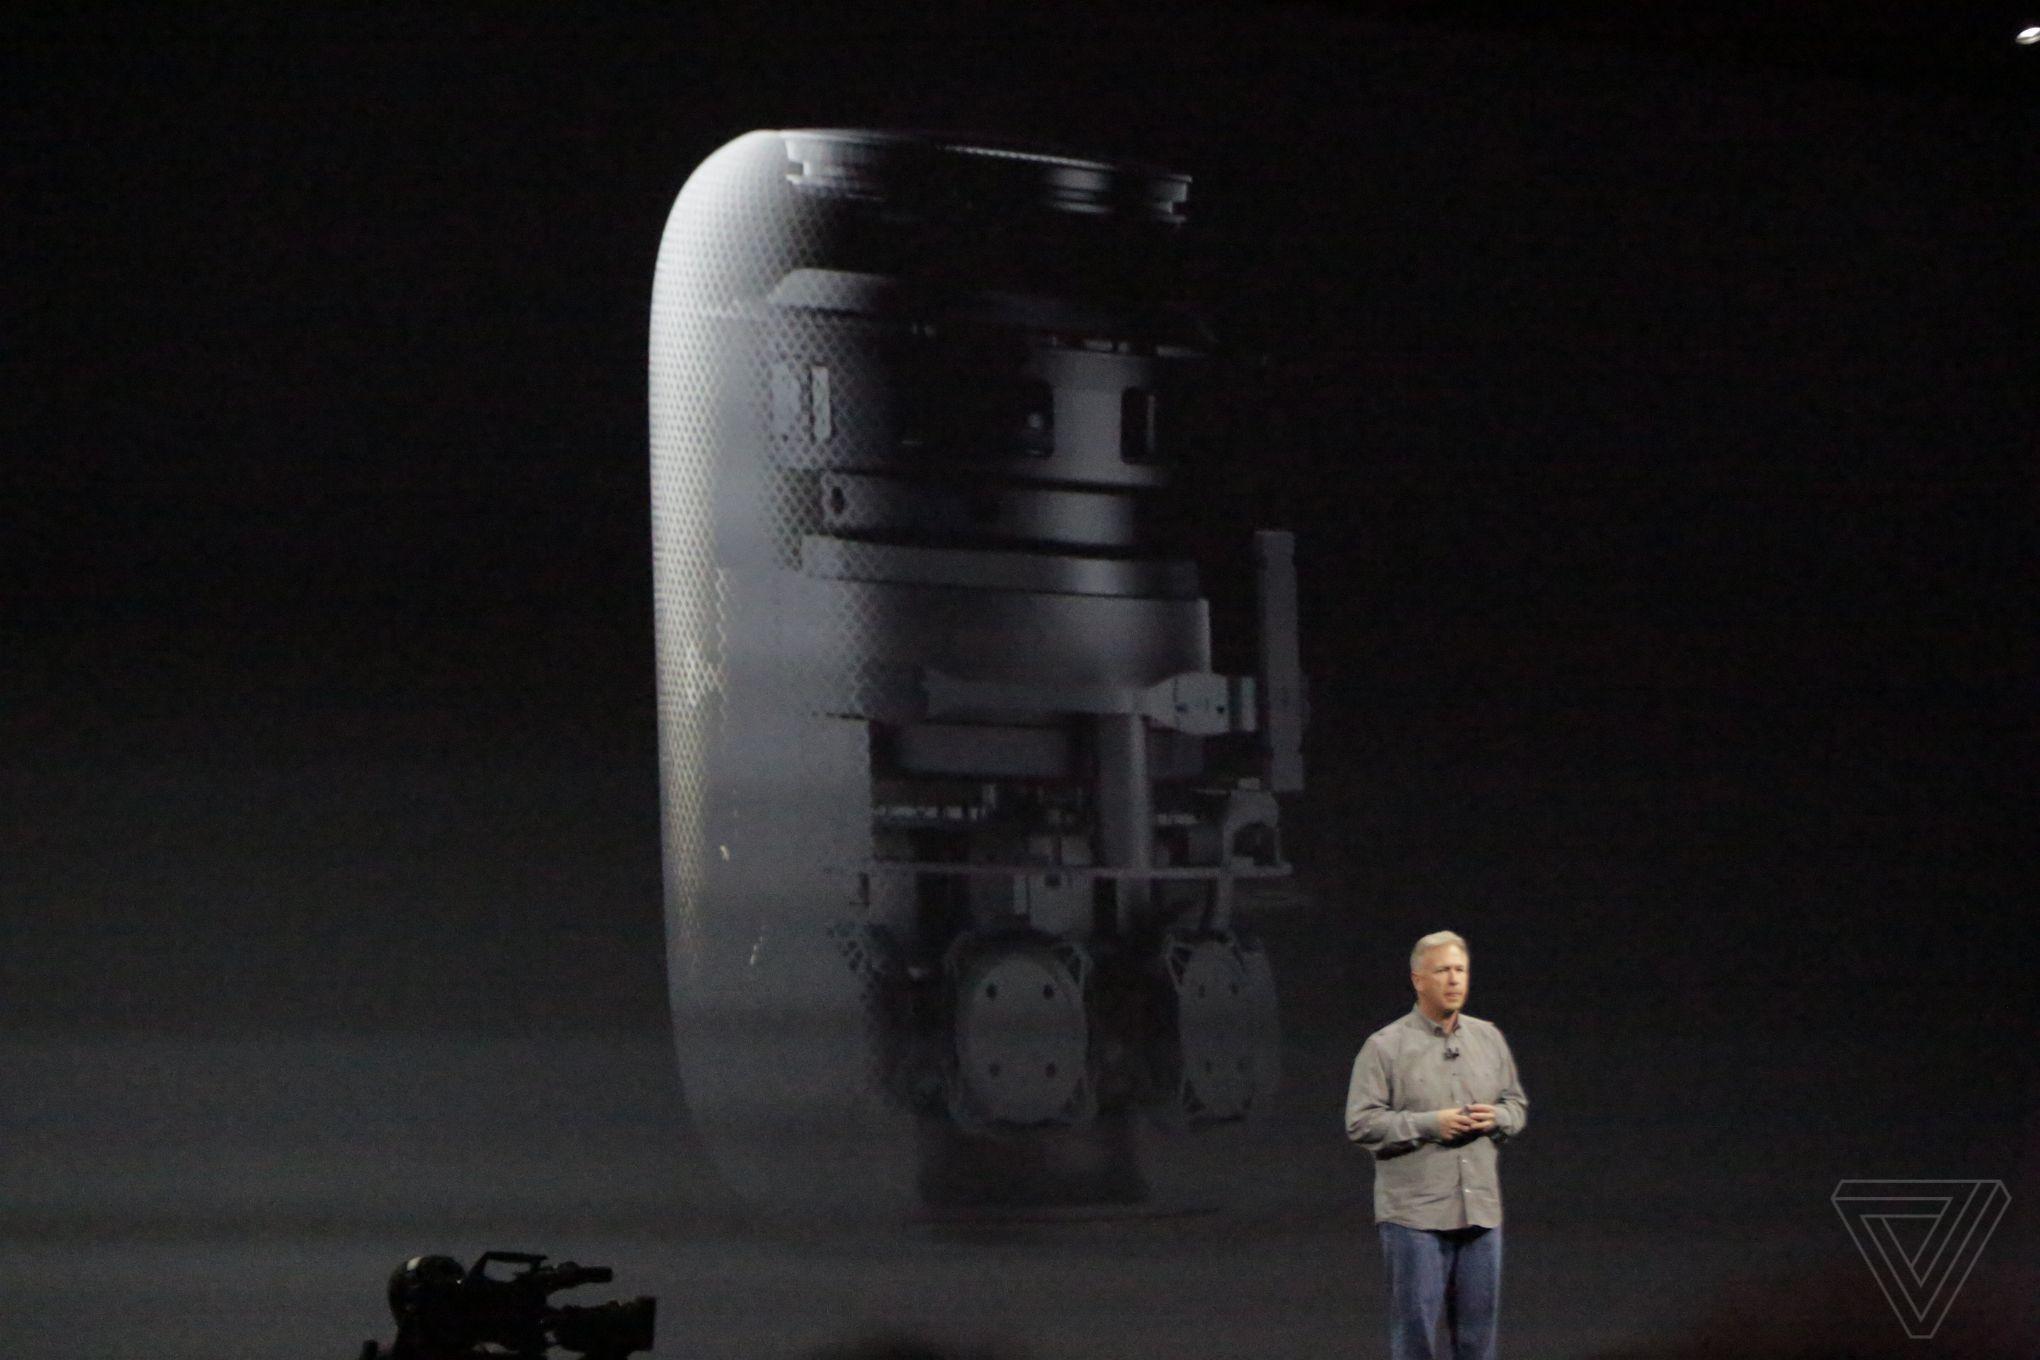 رونمایی از اسپیکر هوشمند اپل به نام هوم پاد در WWDC 2017